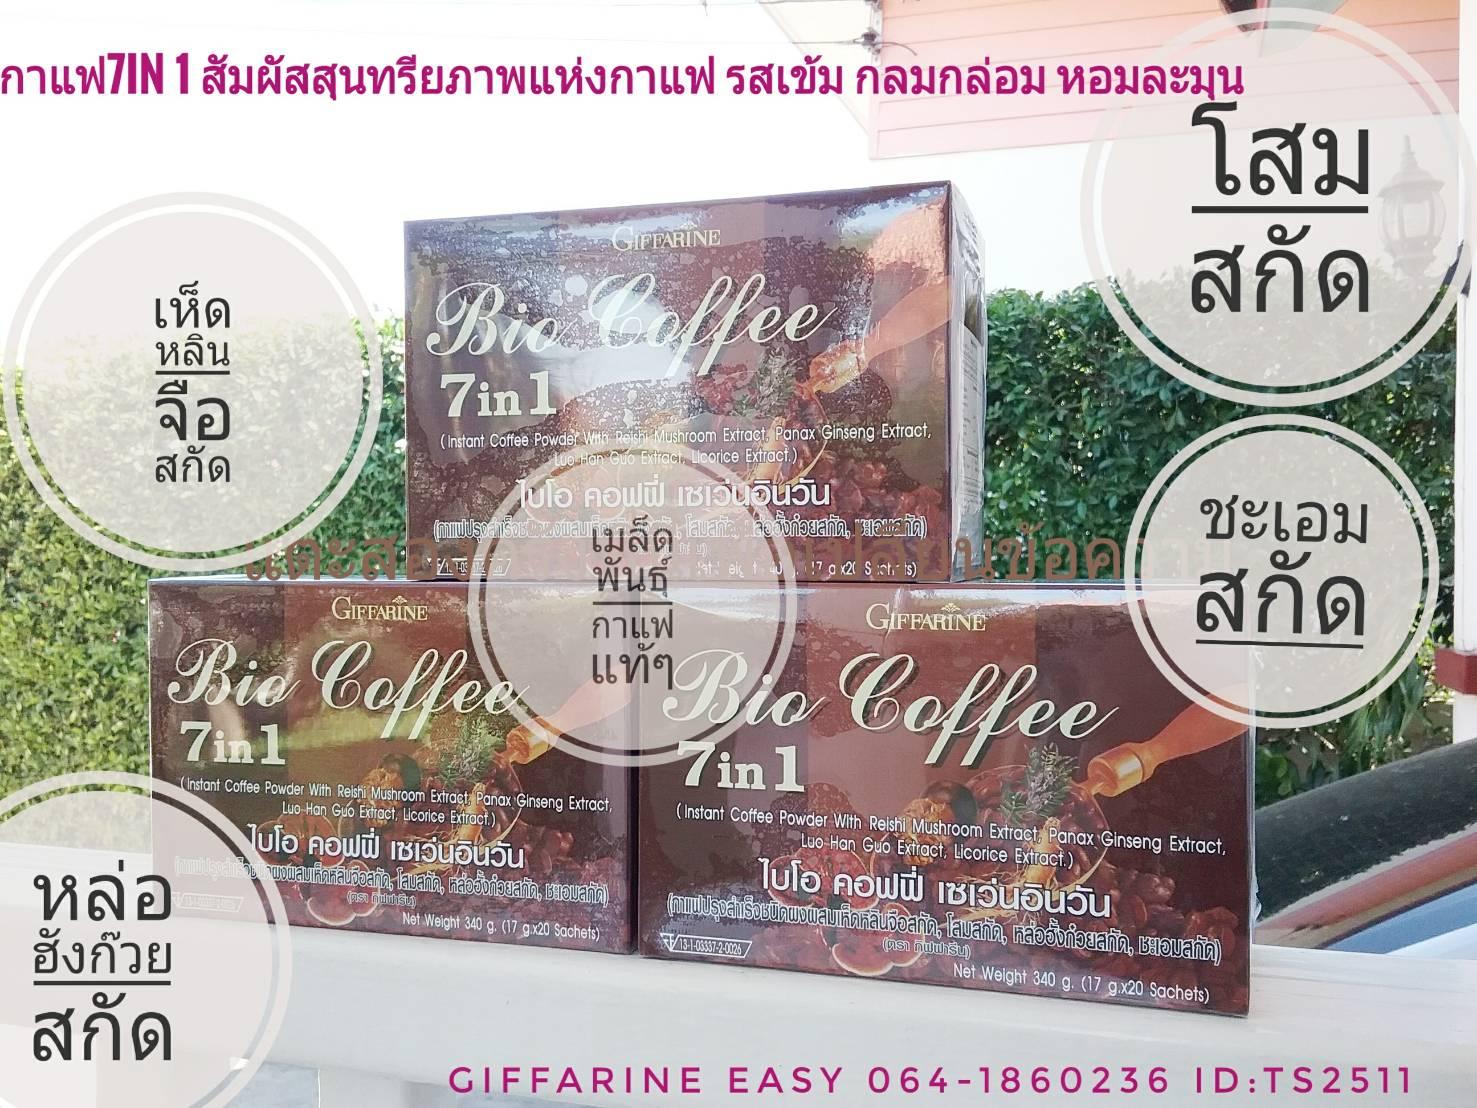 กาแฟสมุนไพรเพื่อสุขภาพ Bio Coffee 7 in 1 Giffarine,กาแฟ7in1กิฟฟารีน,กาแฟลดน้ําหนัก กิฟฟารีน